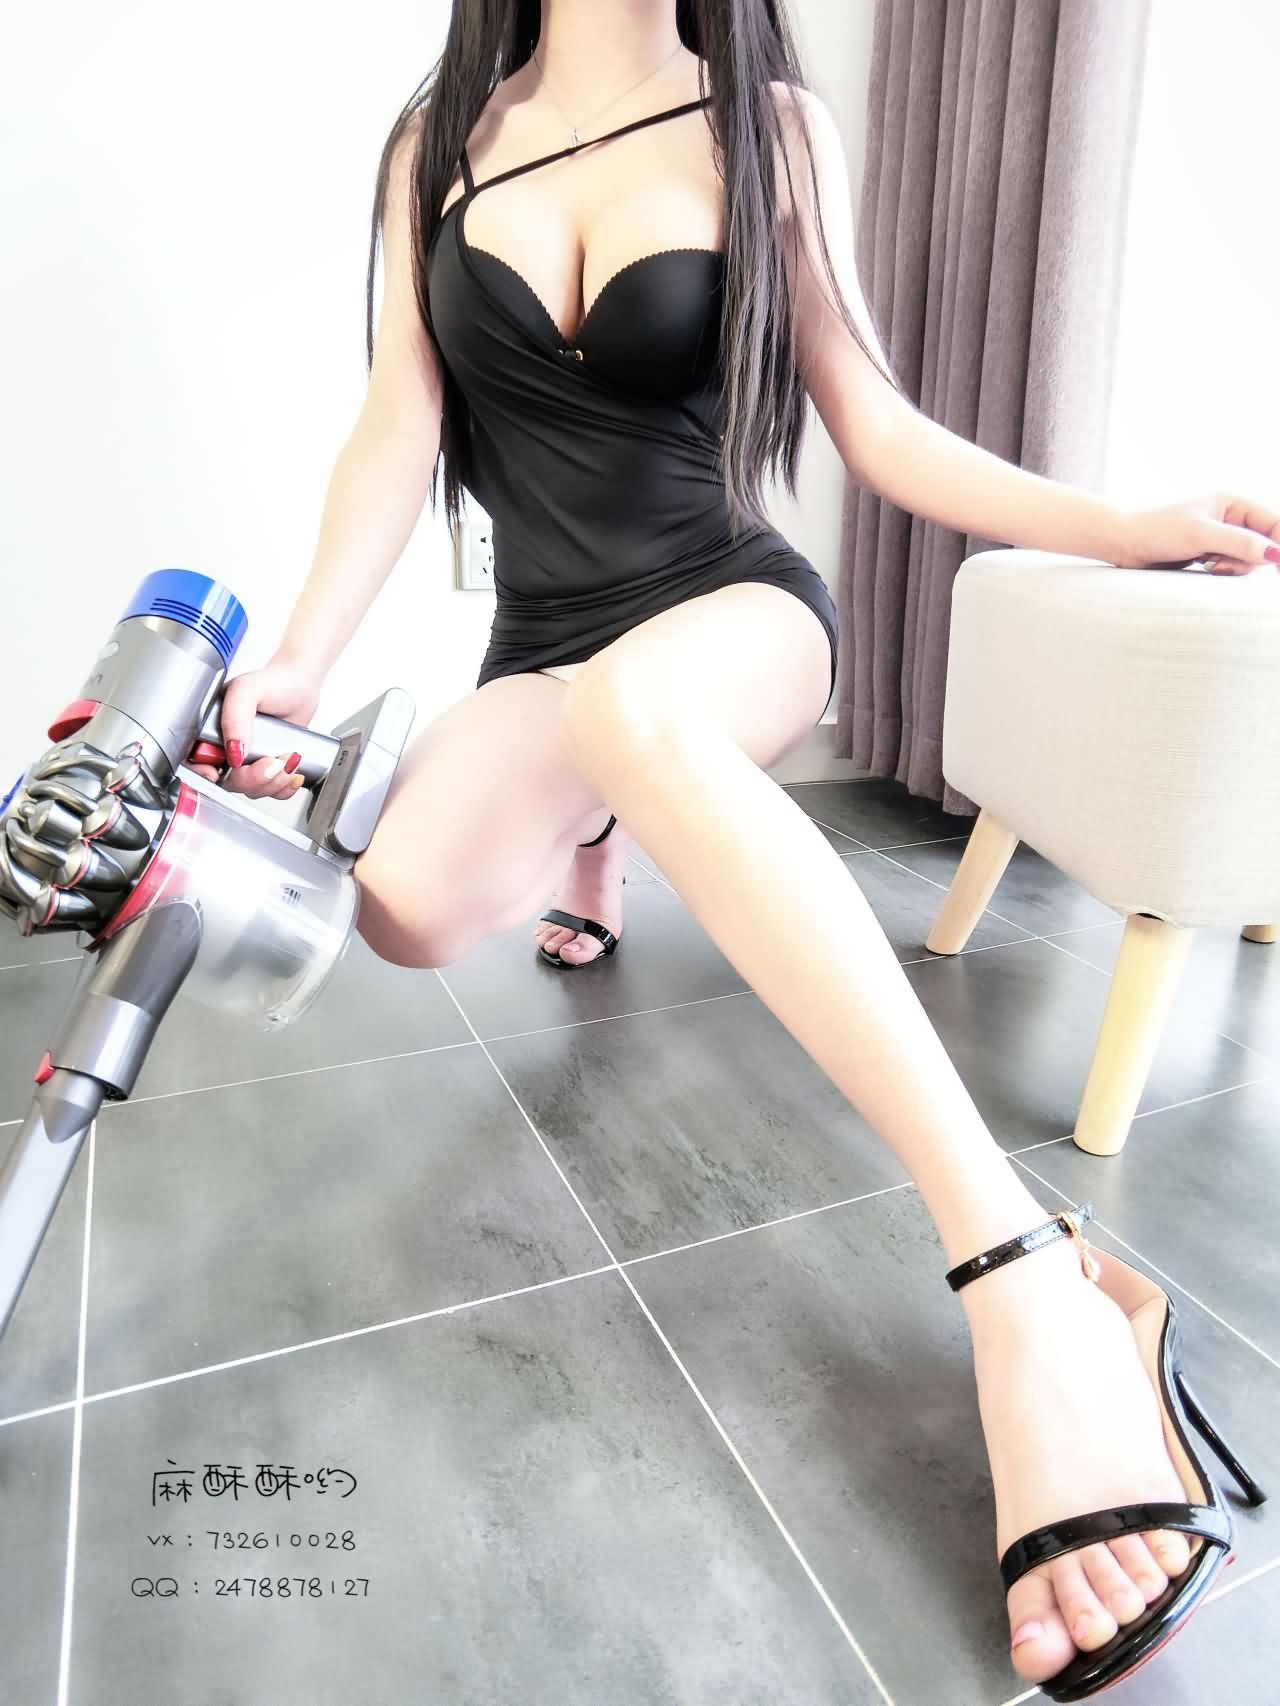 麻酥酥哟 大扫除会员版 25P/9V